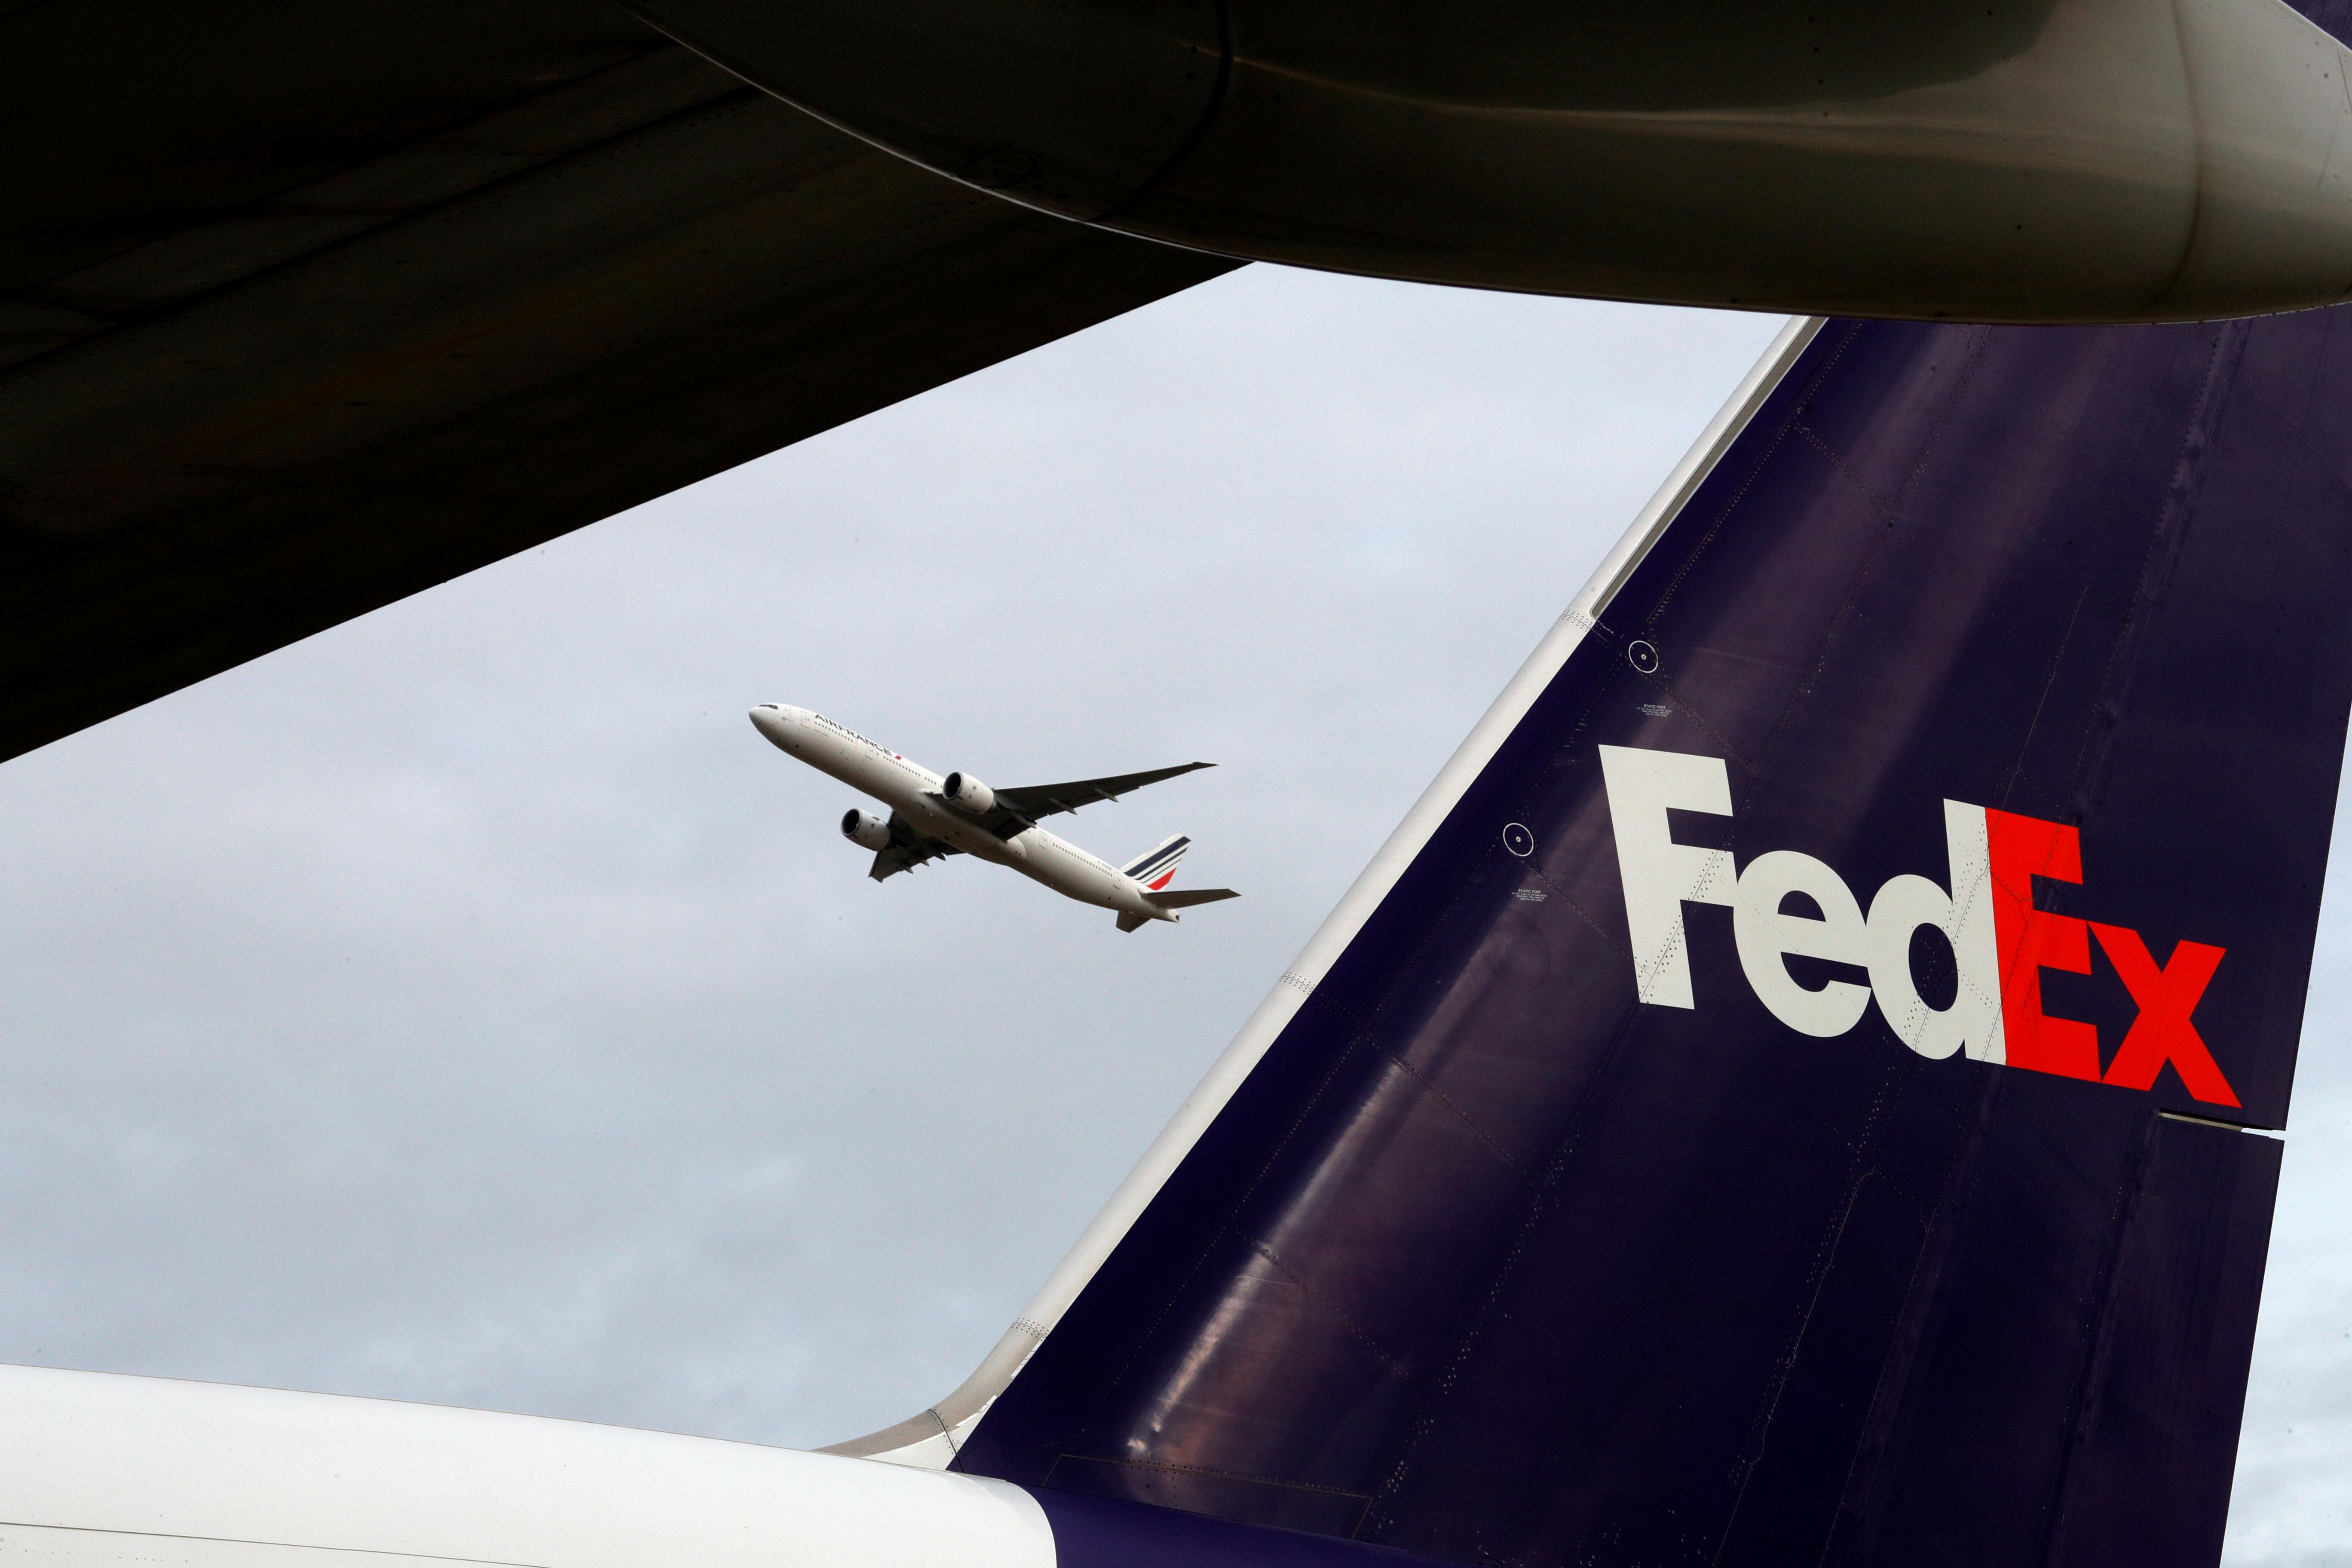 """Huawei revisa su relación con la estadounidense FedEx tras el """"desvío"""" de envíos"""